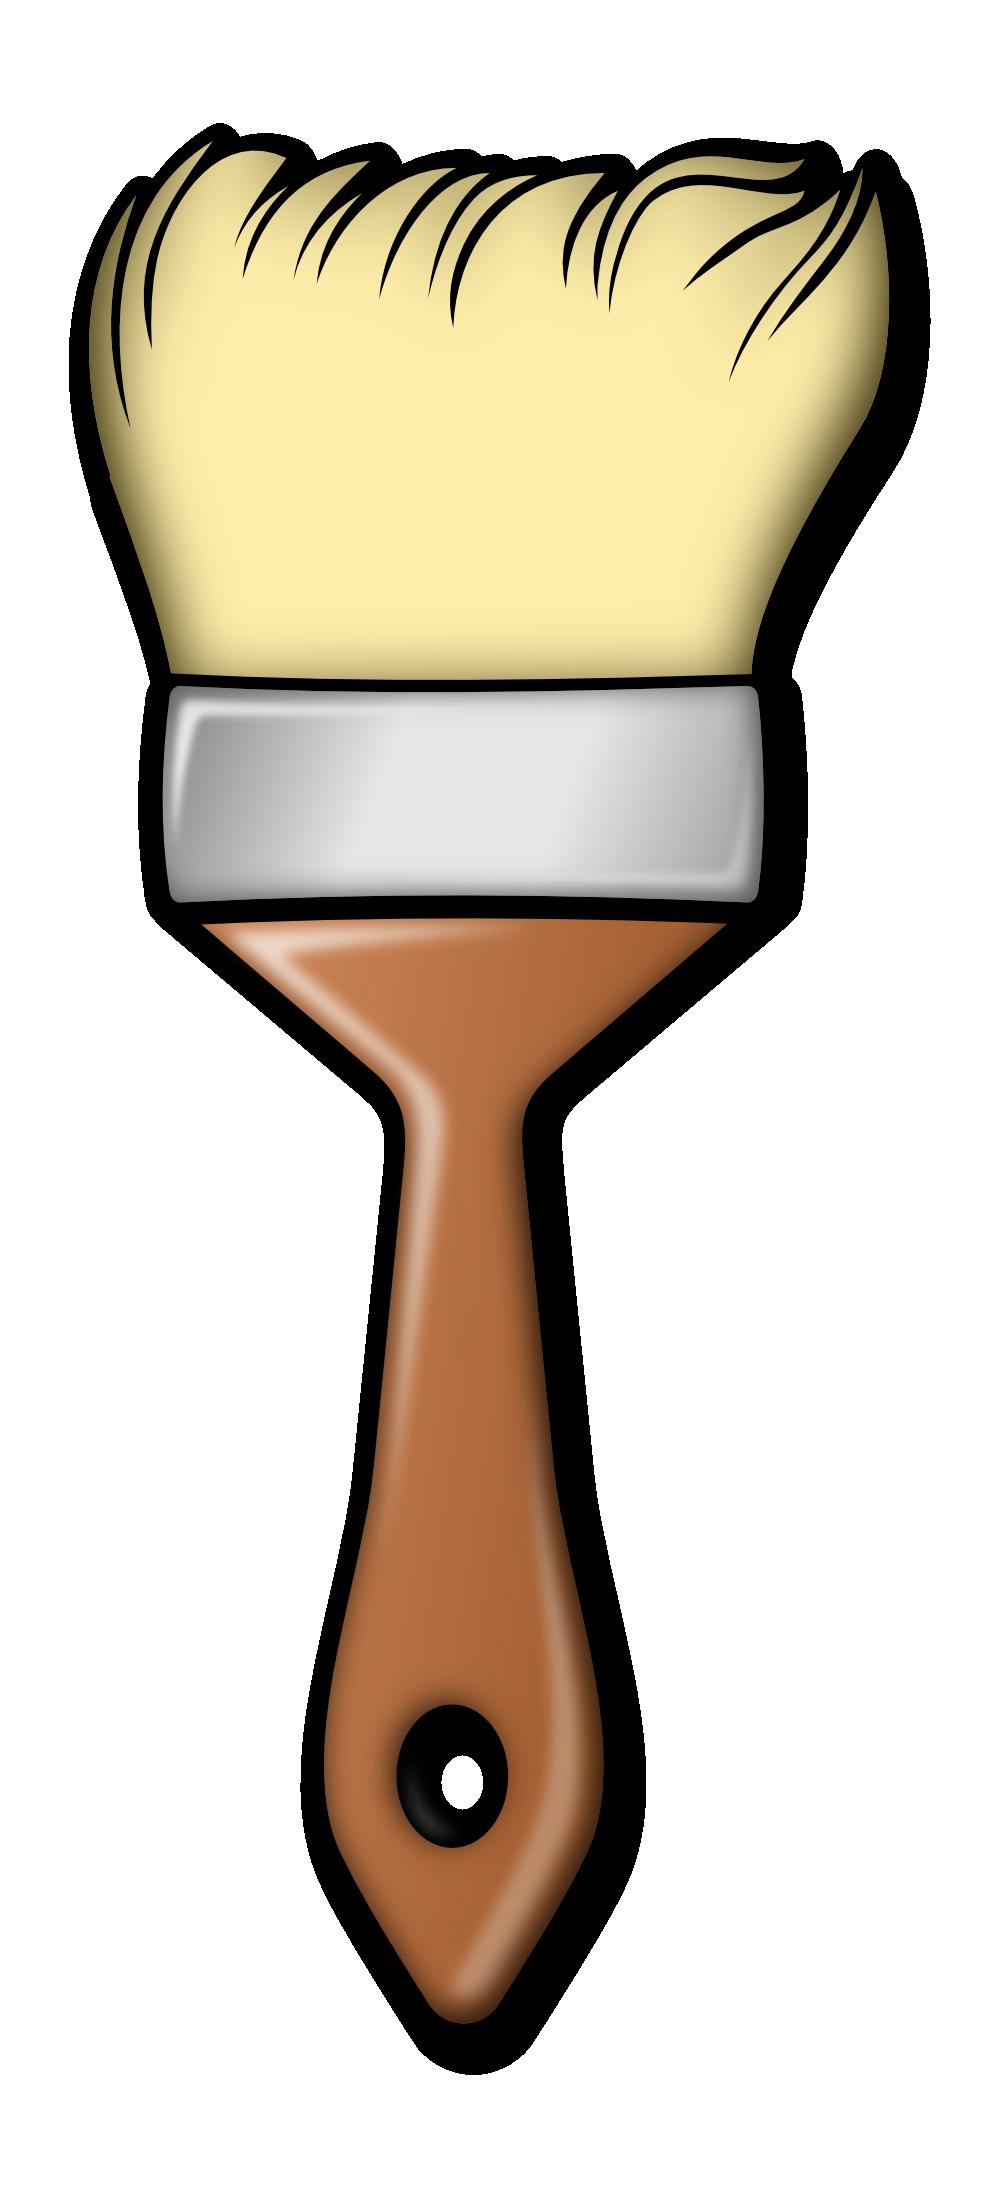 PAINT BRUSH CLIP ART CLIP ART MISC. CLIPART